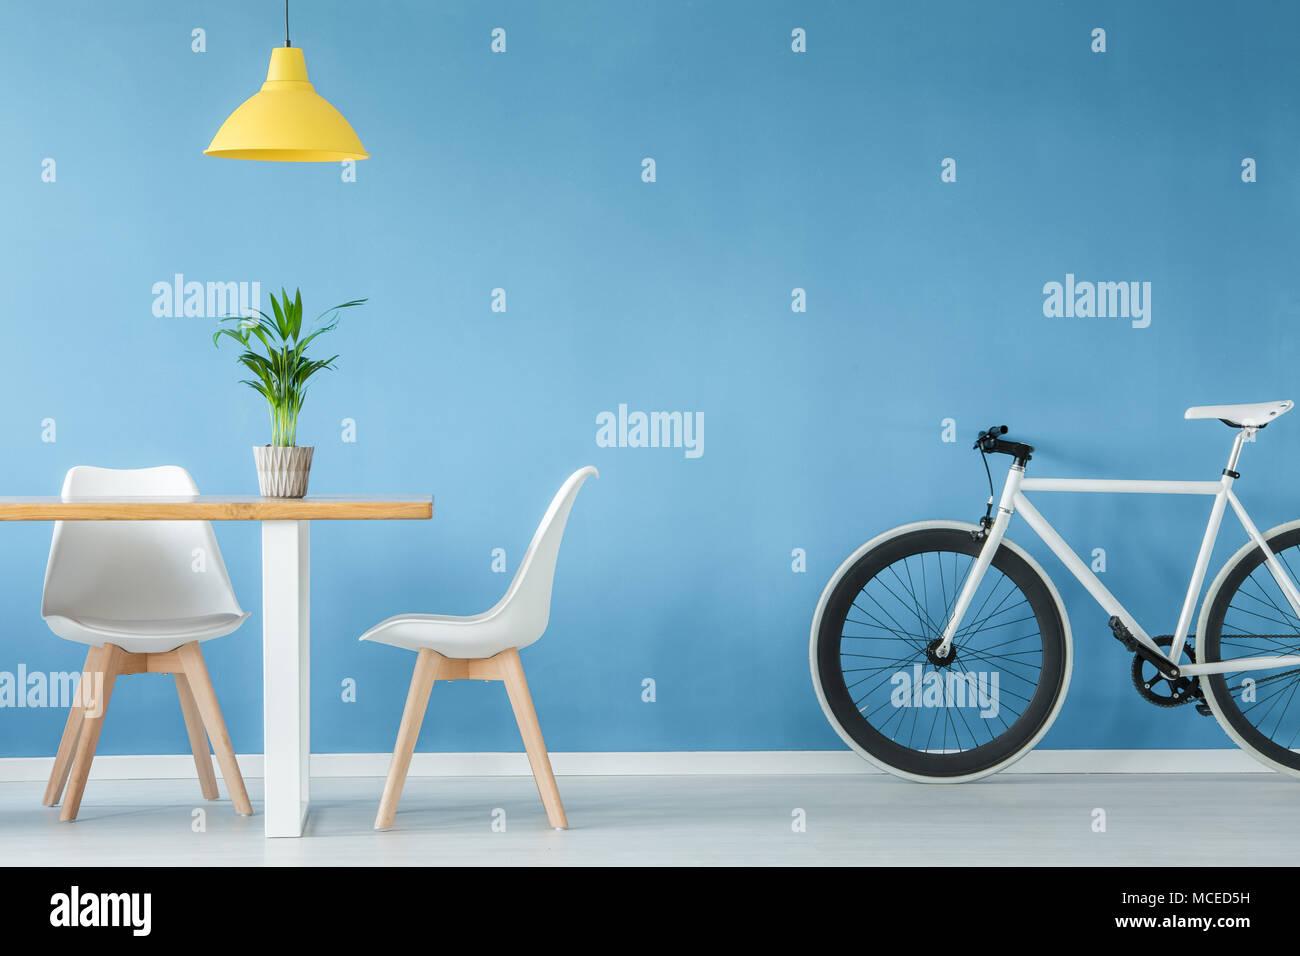 Minima, arredamento moderno con due sedie, una bicicletta, una tabella con un impianto su di essa e una lampada gialla sopra, contro la parete di blu Immagini Stock